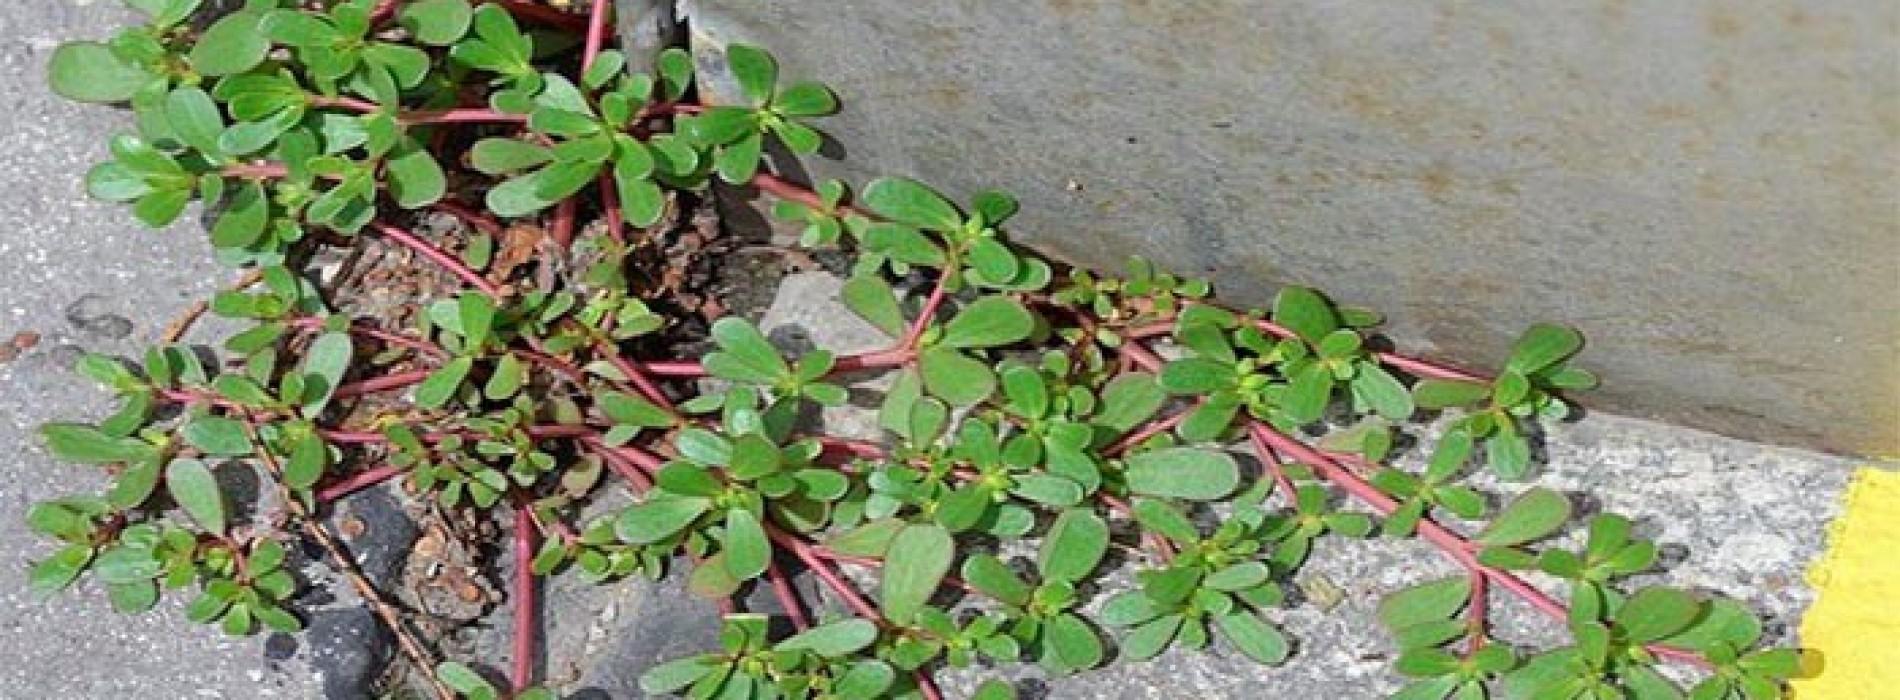 Stop het enkel een onkruid te noemen, het is een van de beste plantensoorten om uw gezondheid een boost te geven.